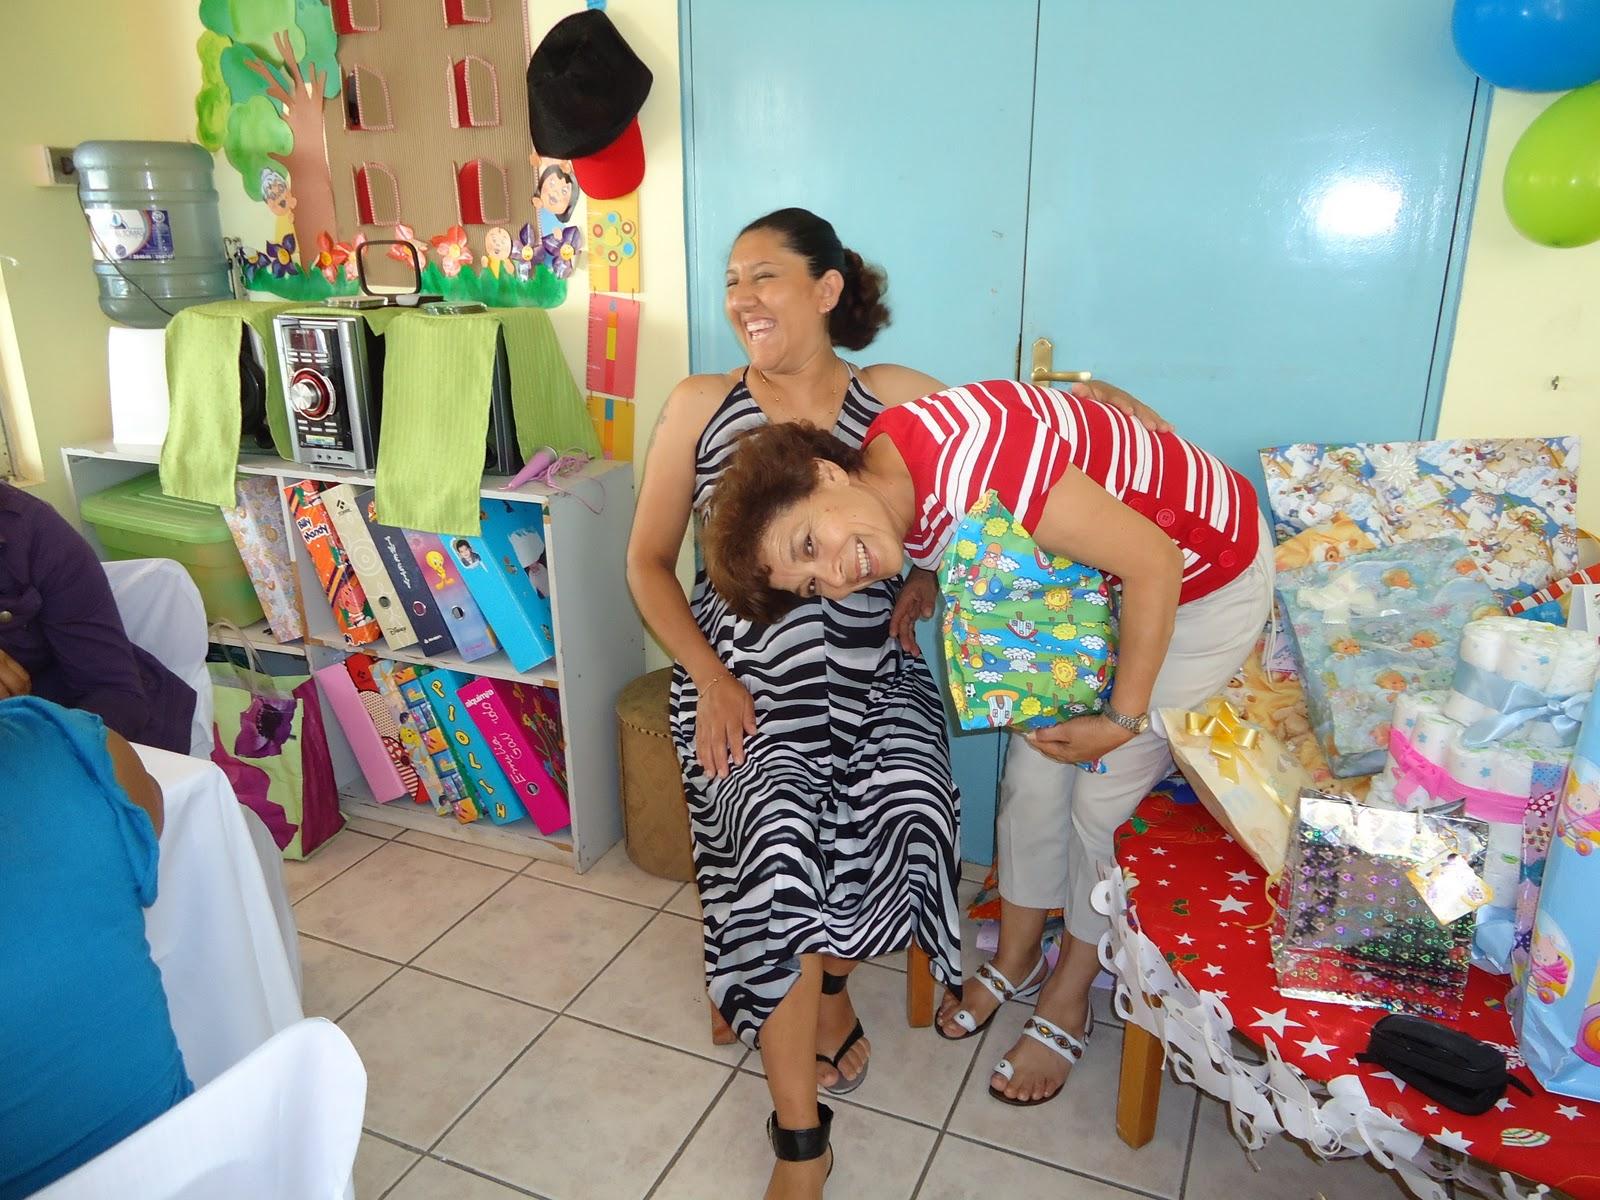 Jardin infantil piolin baby shower de erika for Jardin infantil serrano 78